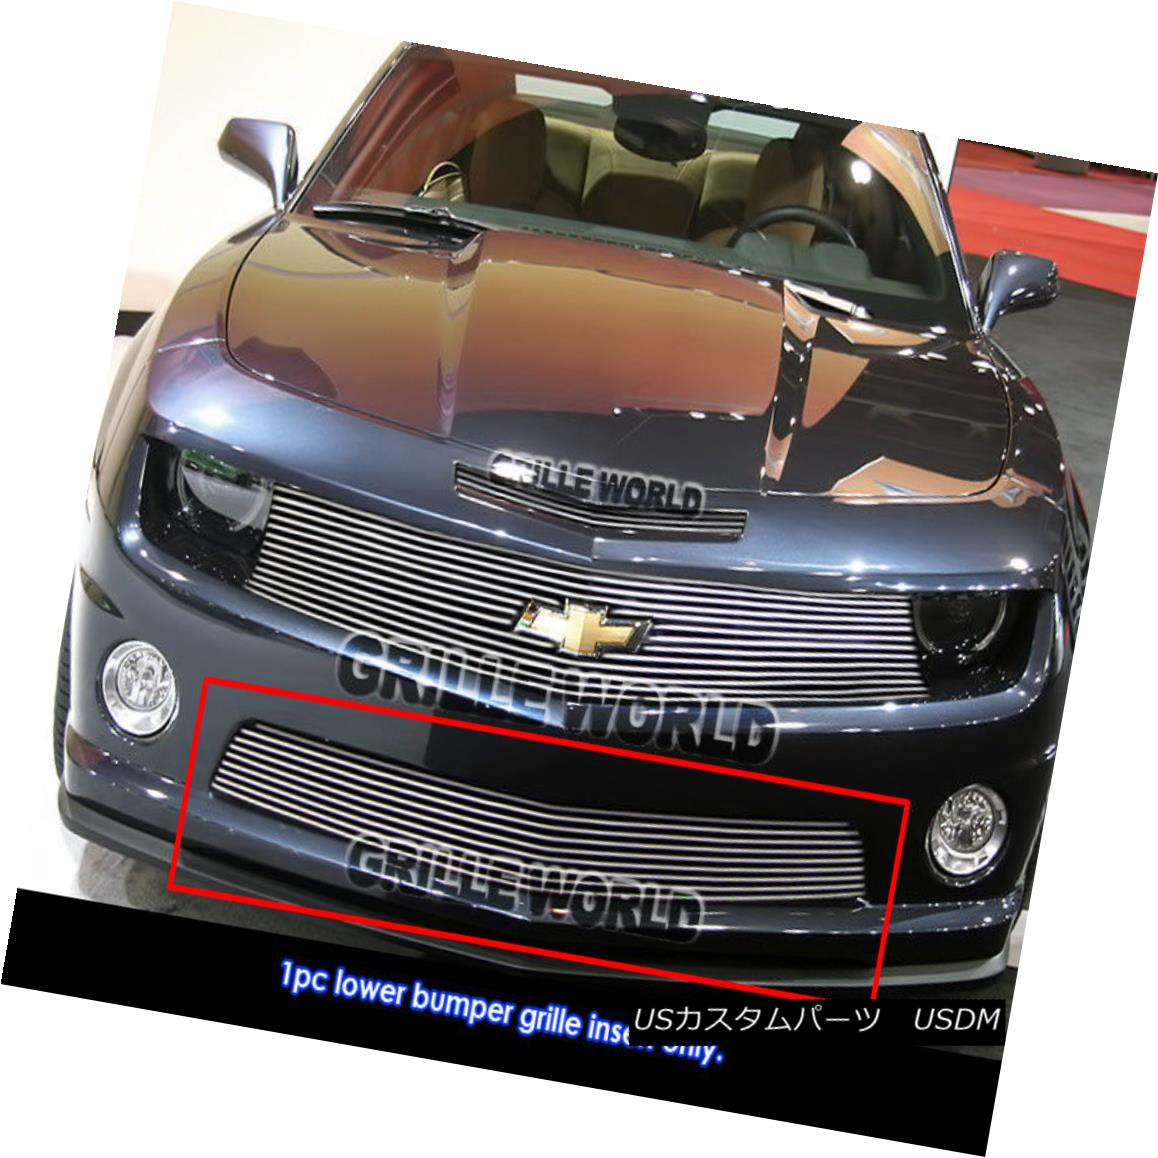 グリル For 2010-2013 Chevy Camaro SS V8 Bumper Billet Grille Grill Insert 2010-2013シボレーカマロSS V8バンパービレットグリルグリルインサート